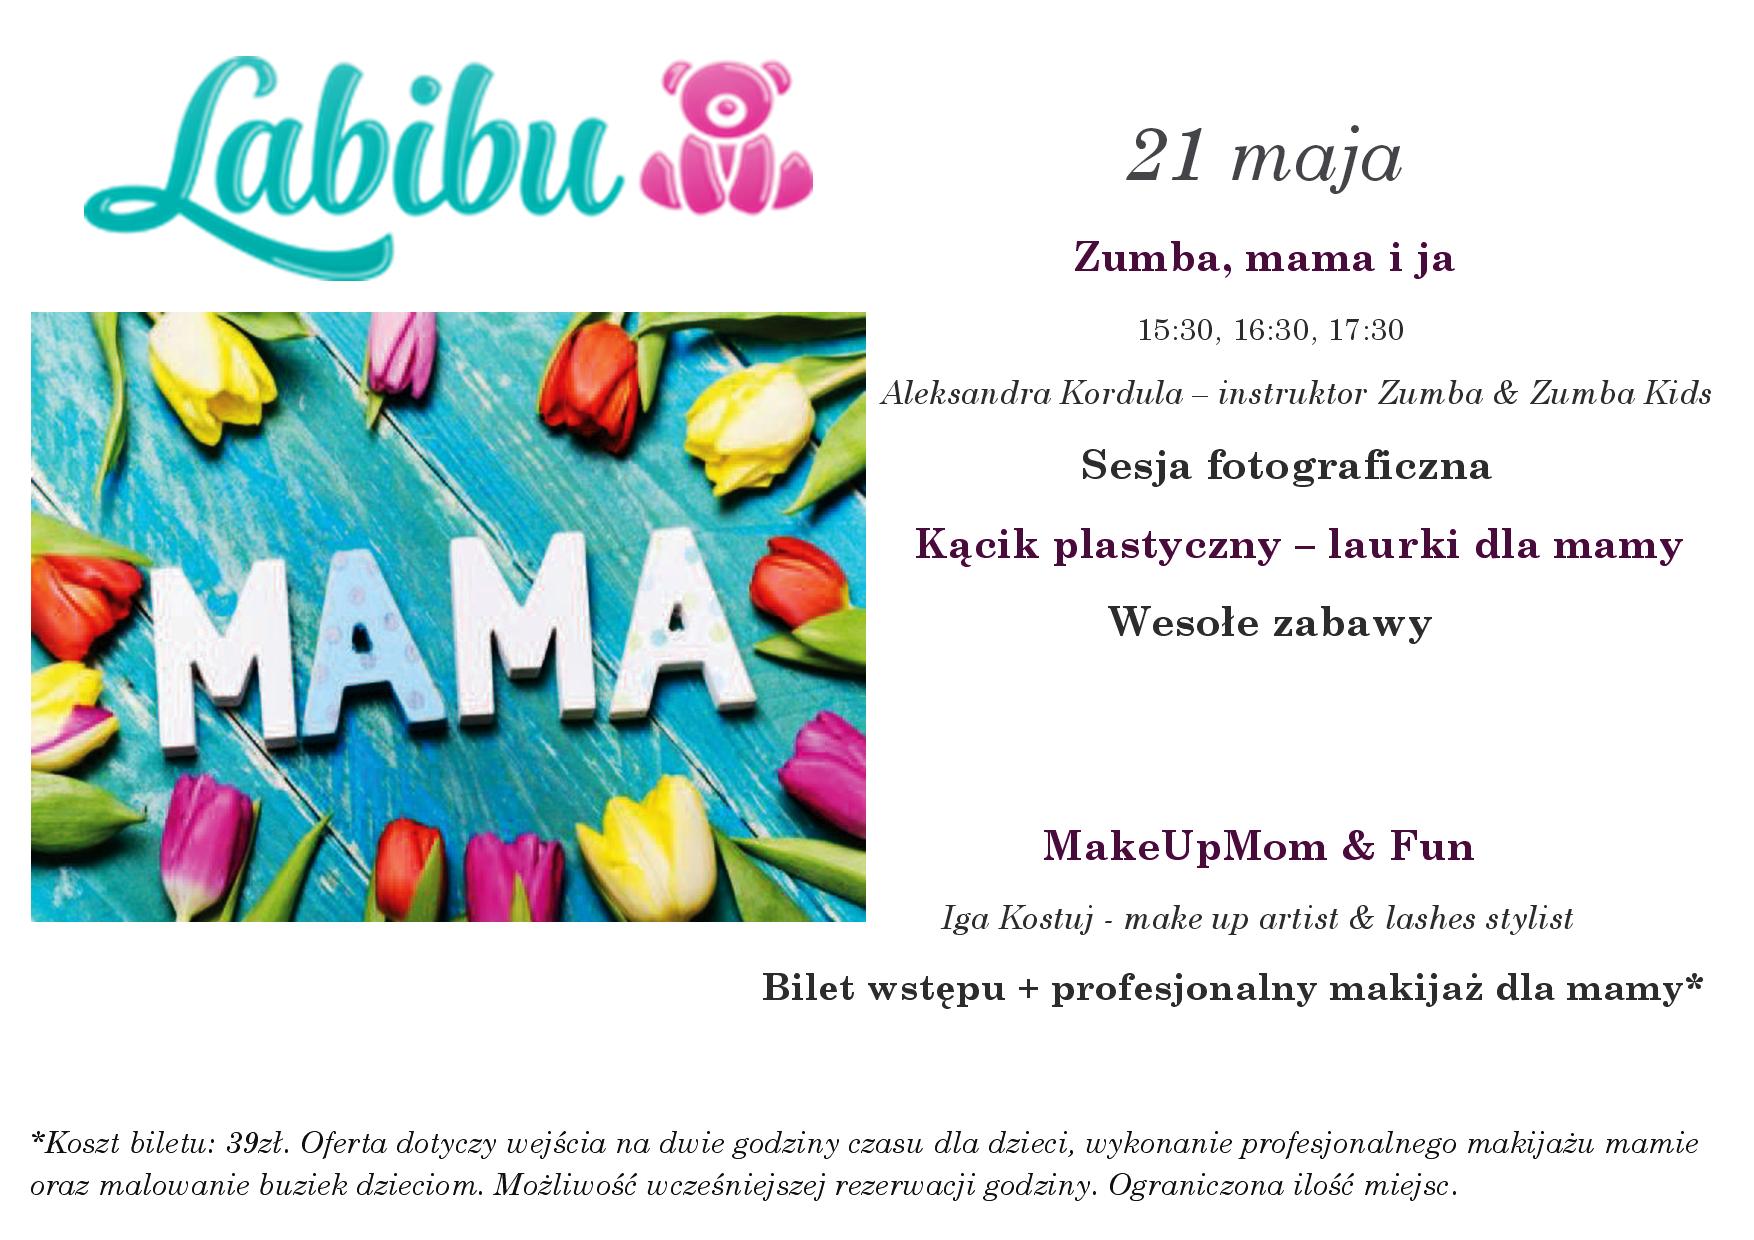 Profesjonalny makijaż dla mamy, malowanie buzi dzieciom oraz 2h zabawy na sali @ Labibu (Wrocław)